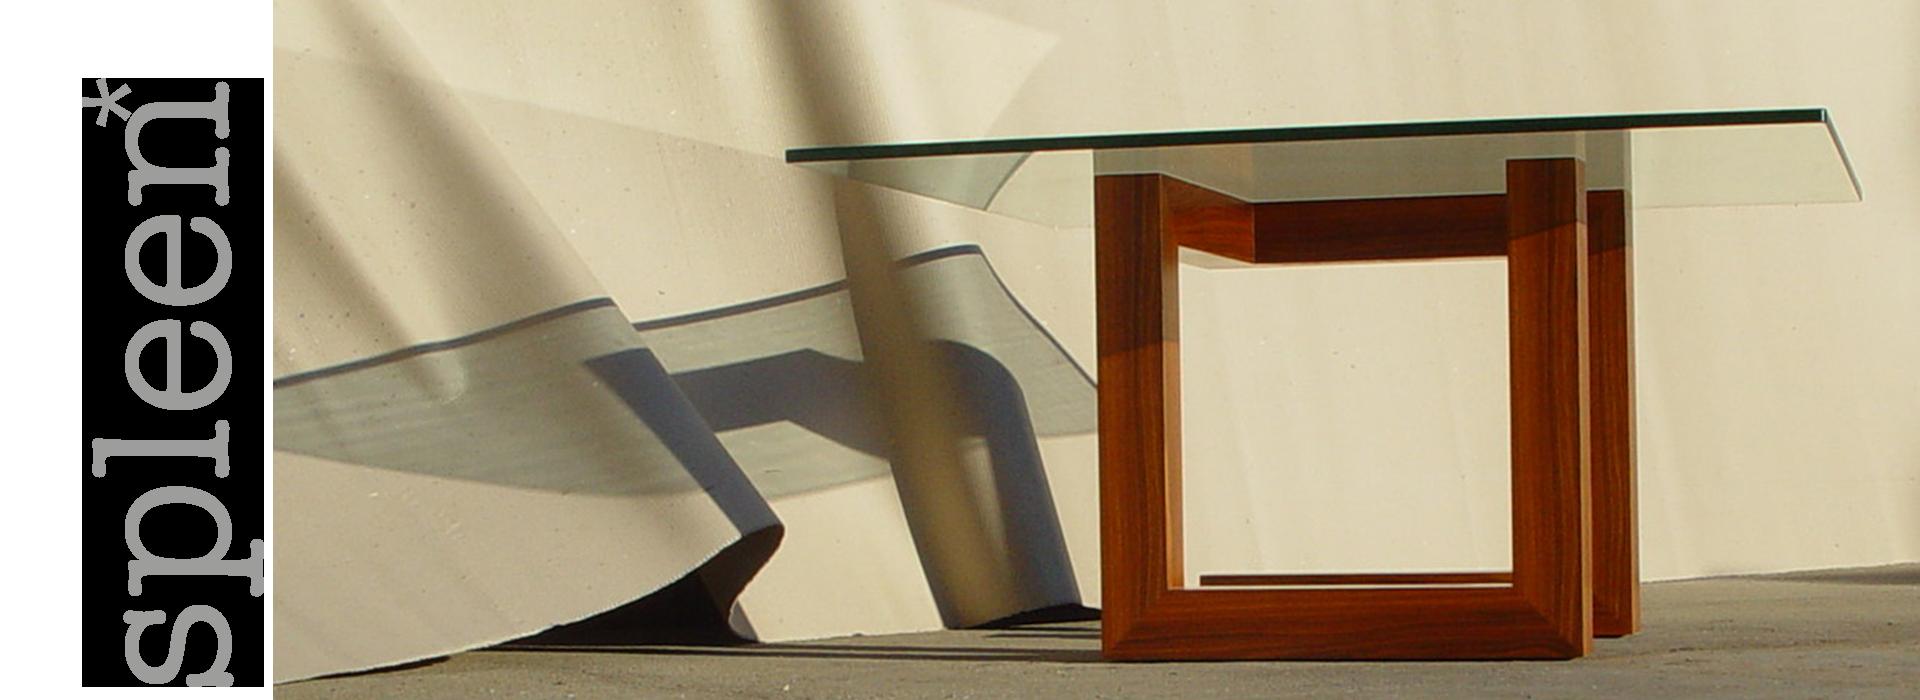 Spleen - Edição de mobiliário contemporâneo - mesa de refeição para seis pessoas